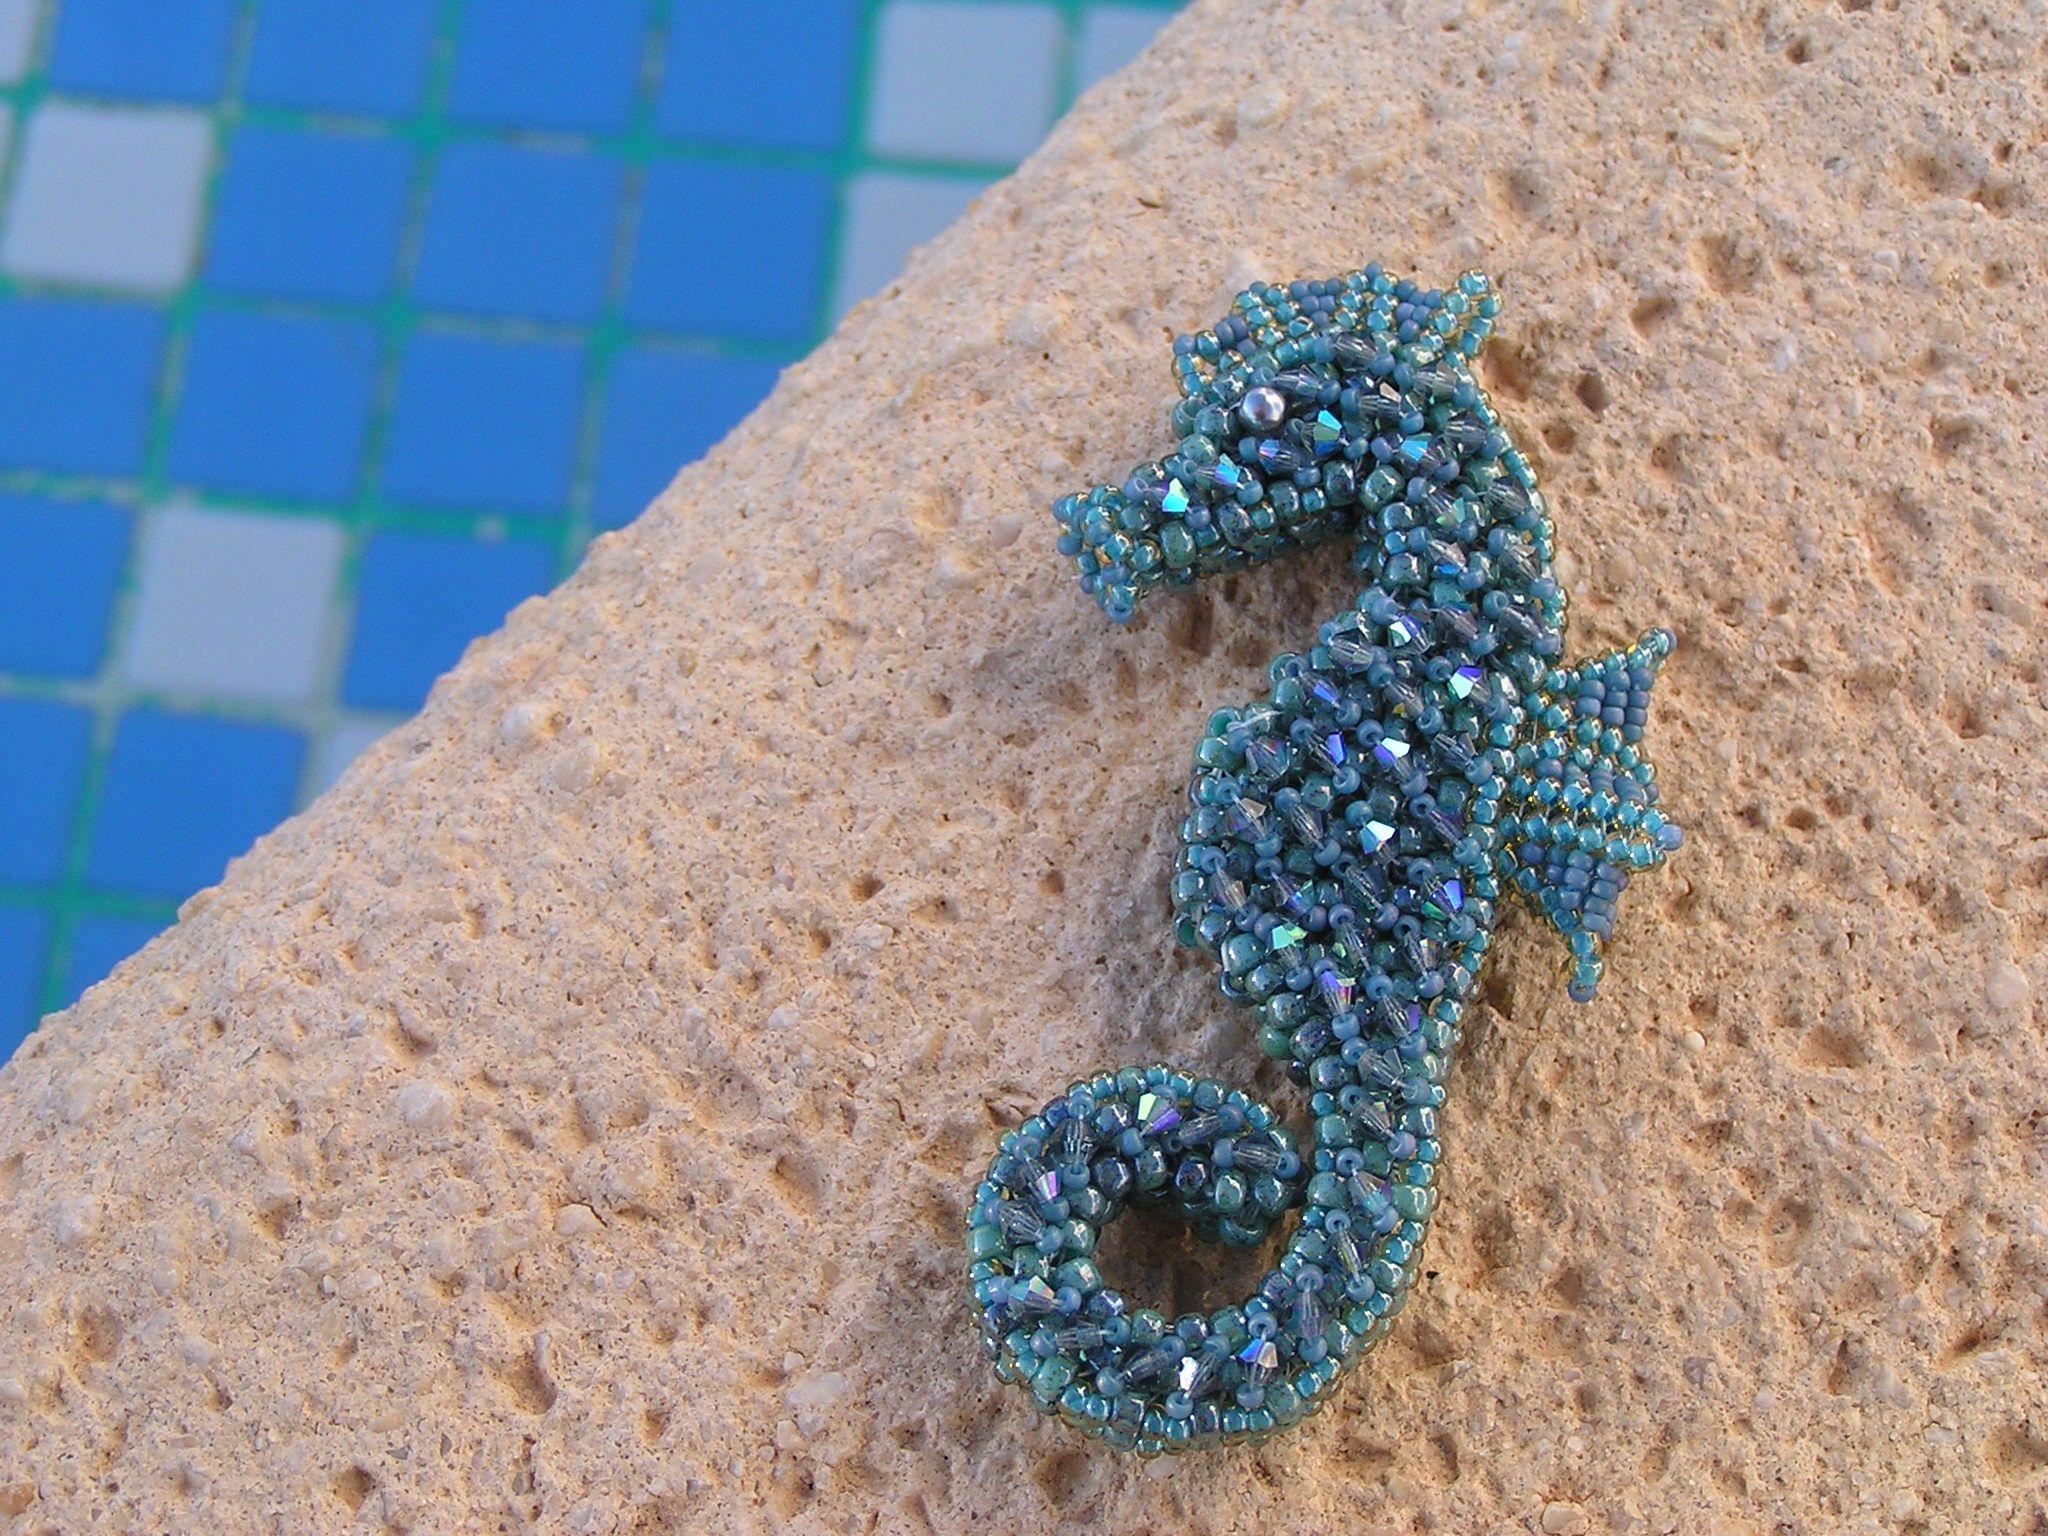 Seahorse www.famtasdiabeads.de